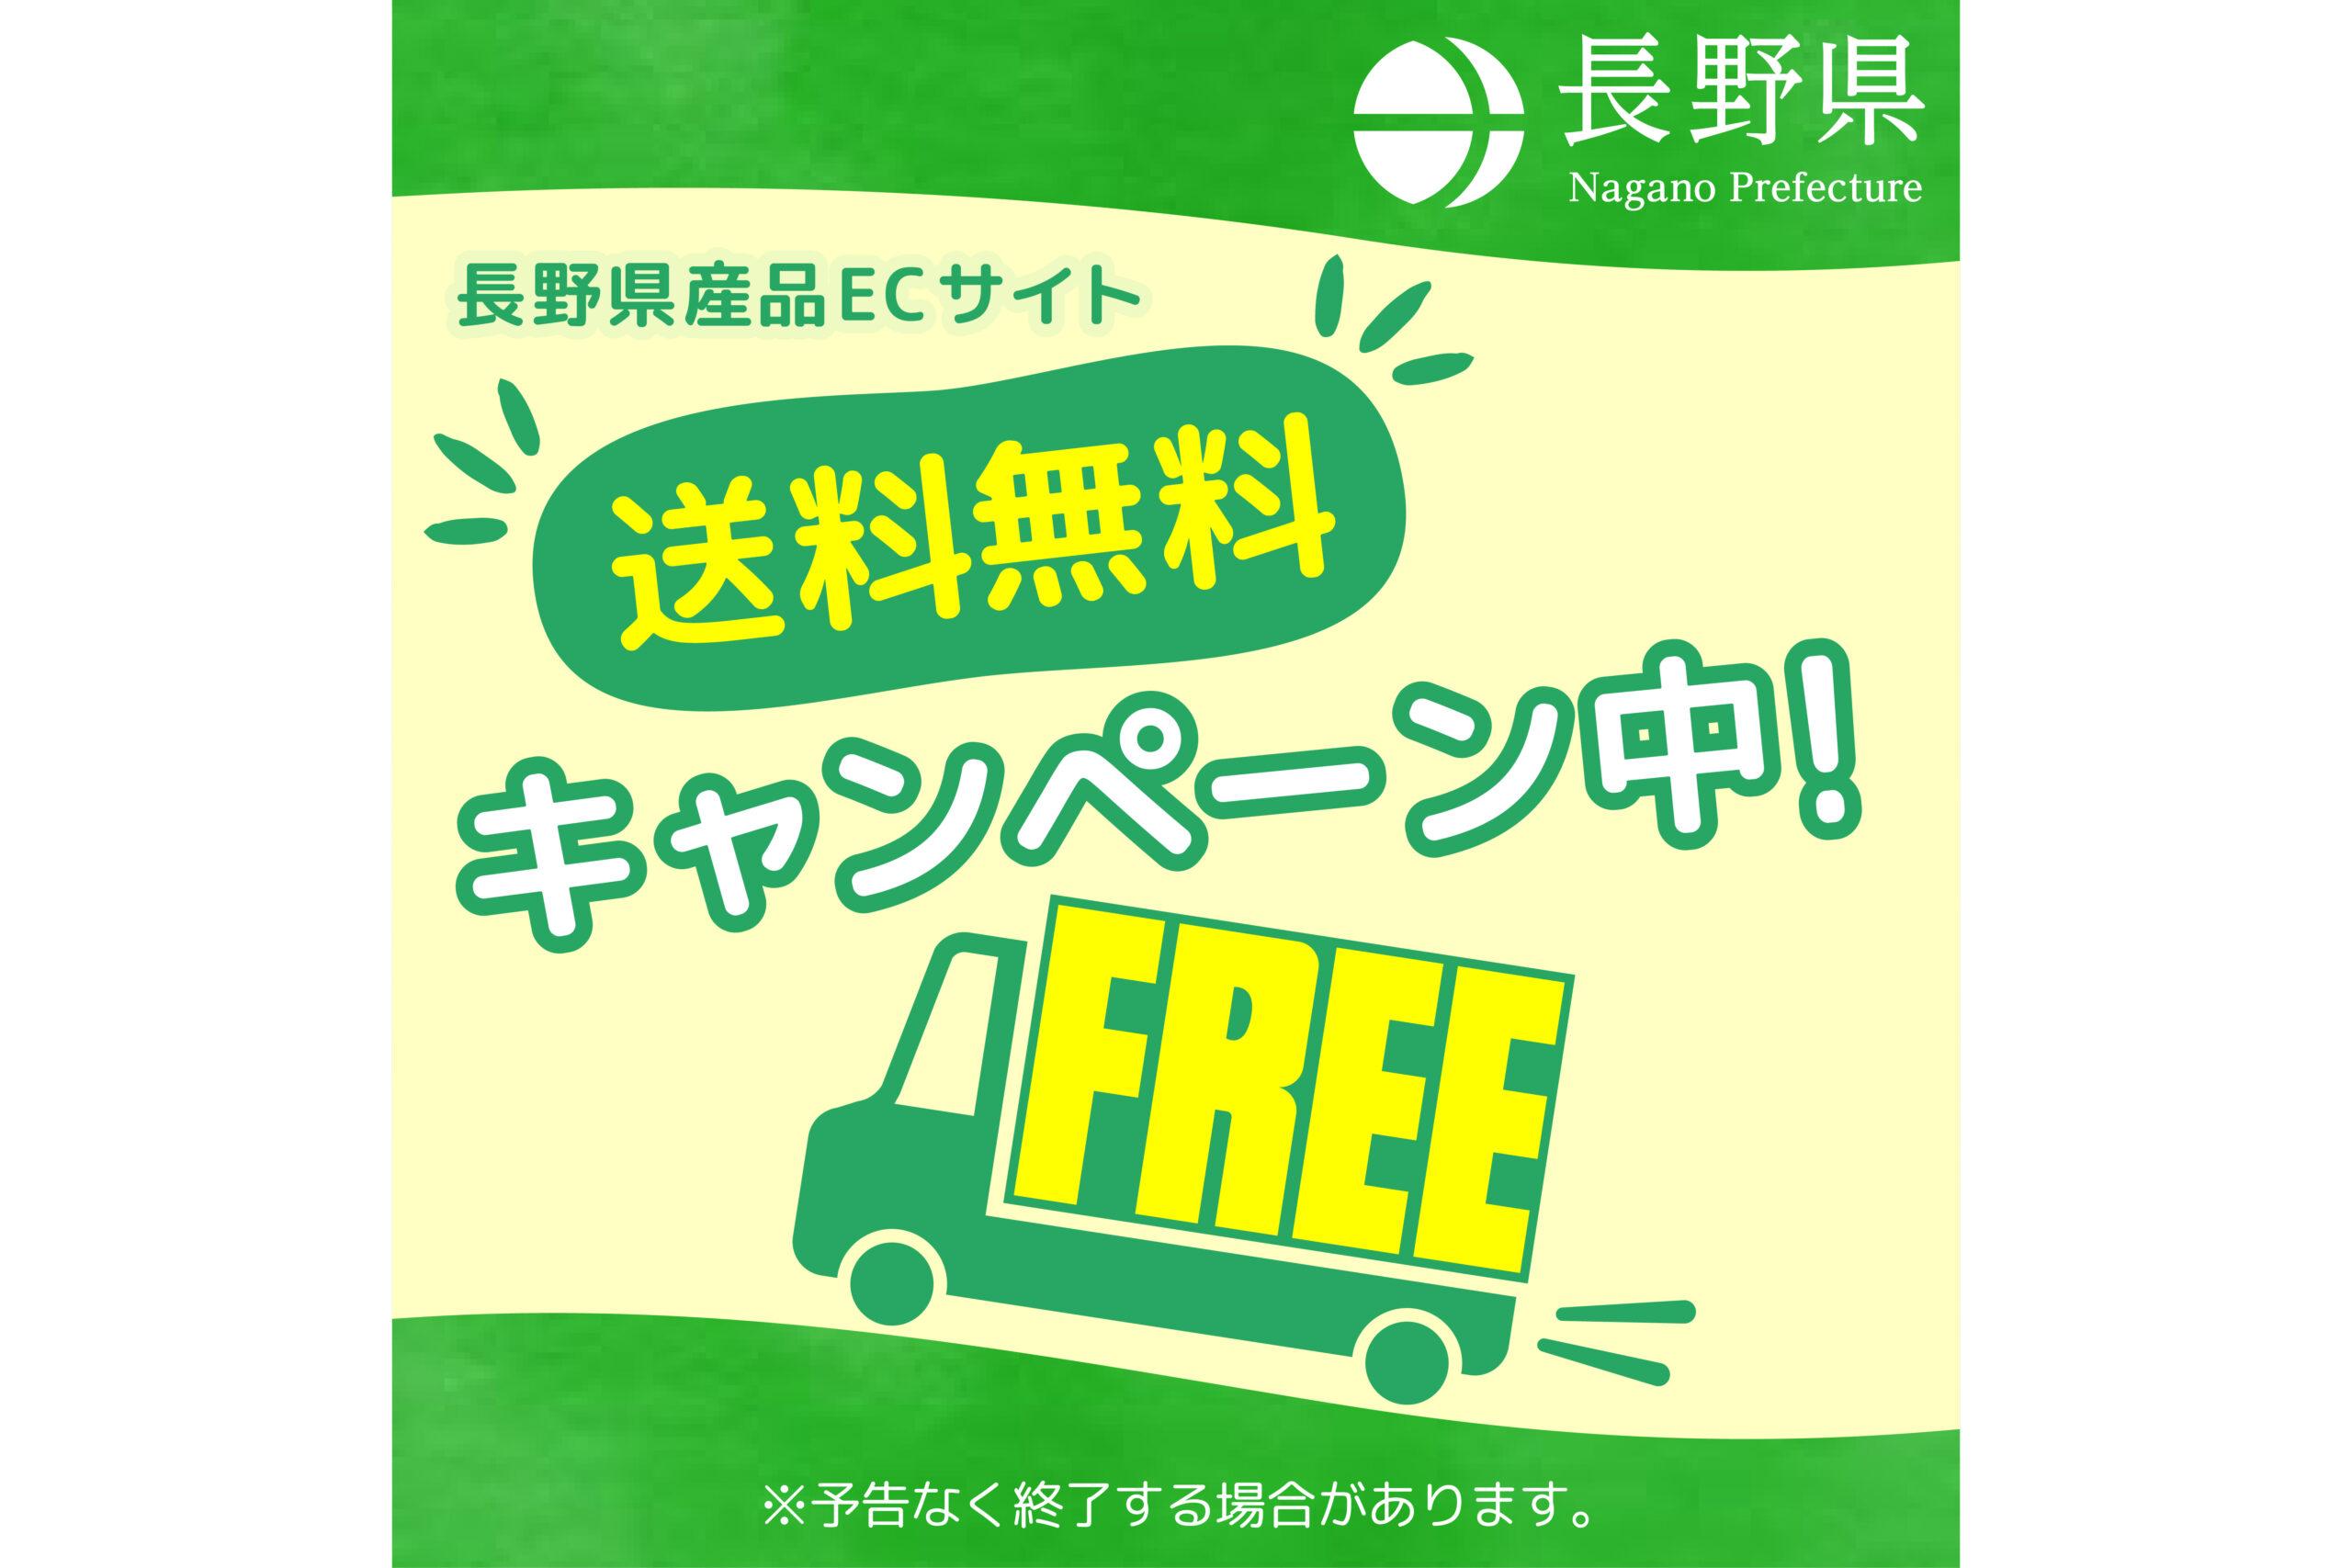 長野県産品送料無料キャンペーン